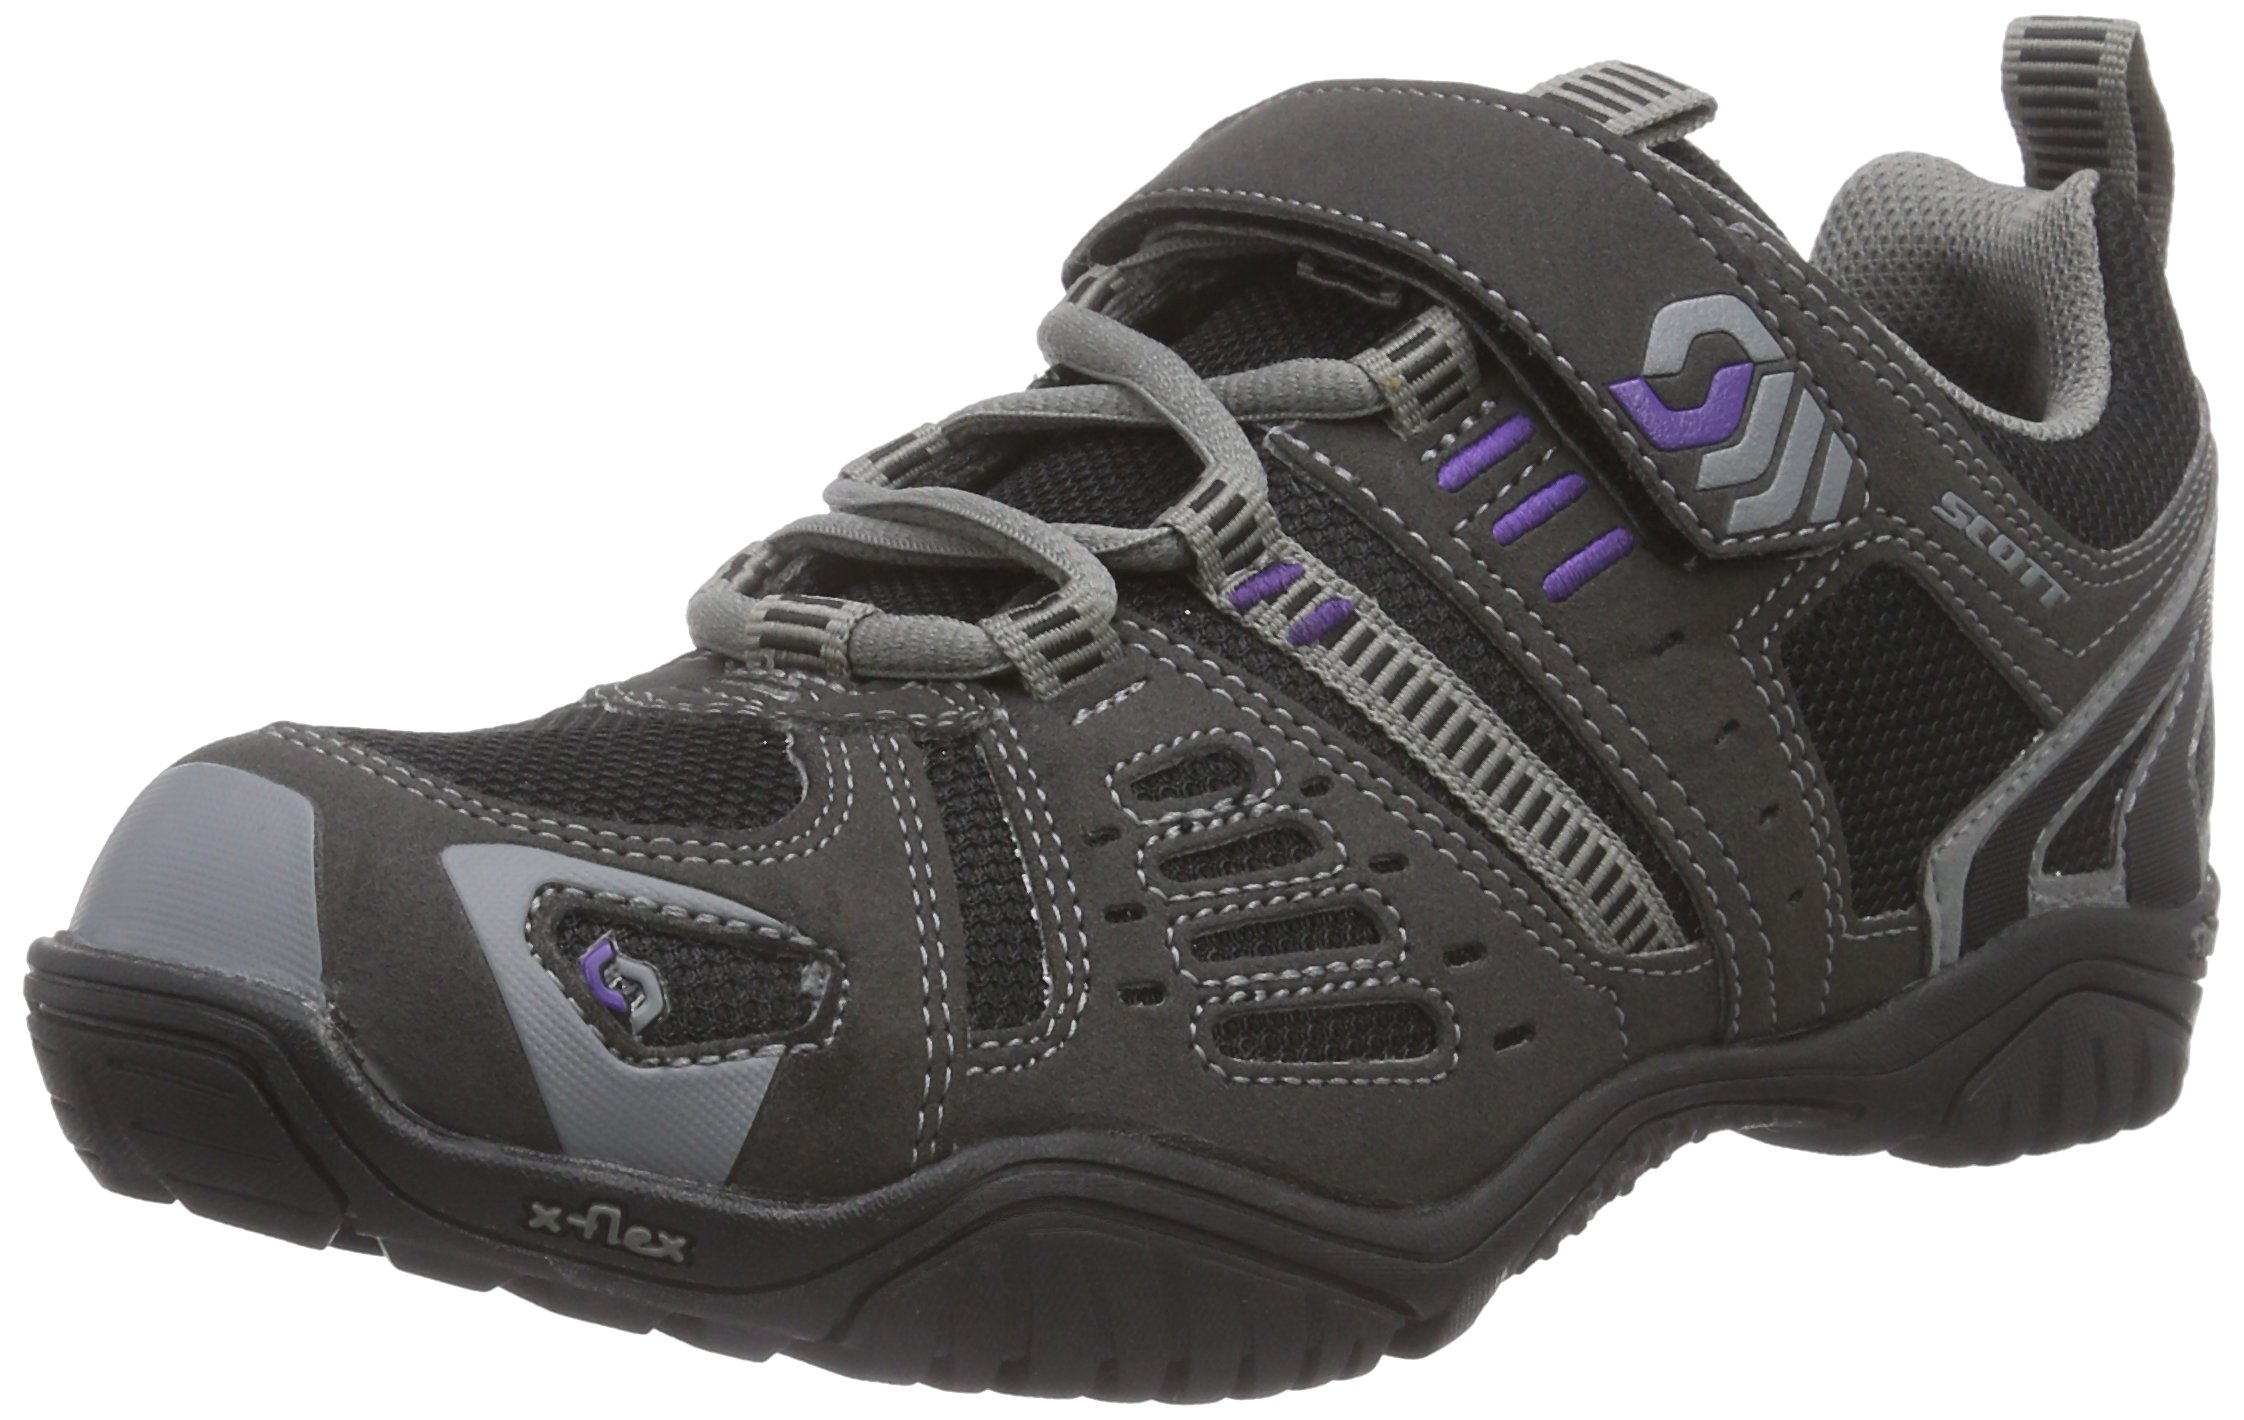 Trail Eu Chaussures De Scott FemmeNoirblack40 n8wkOPX0